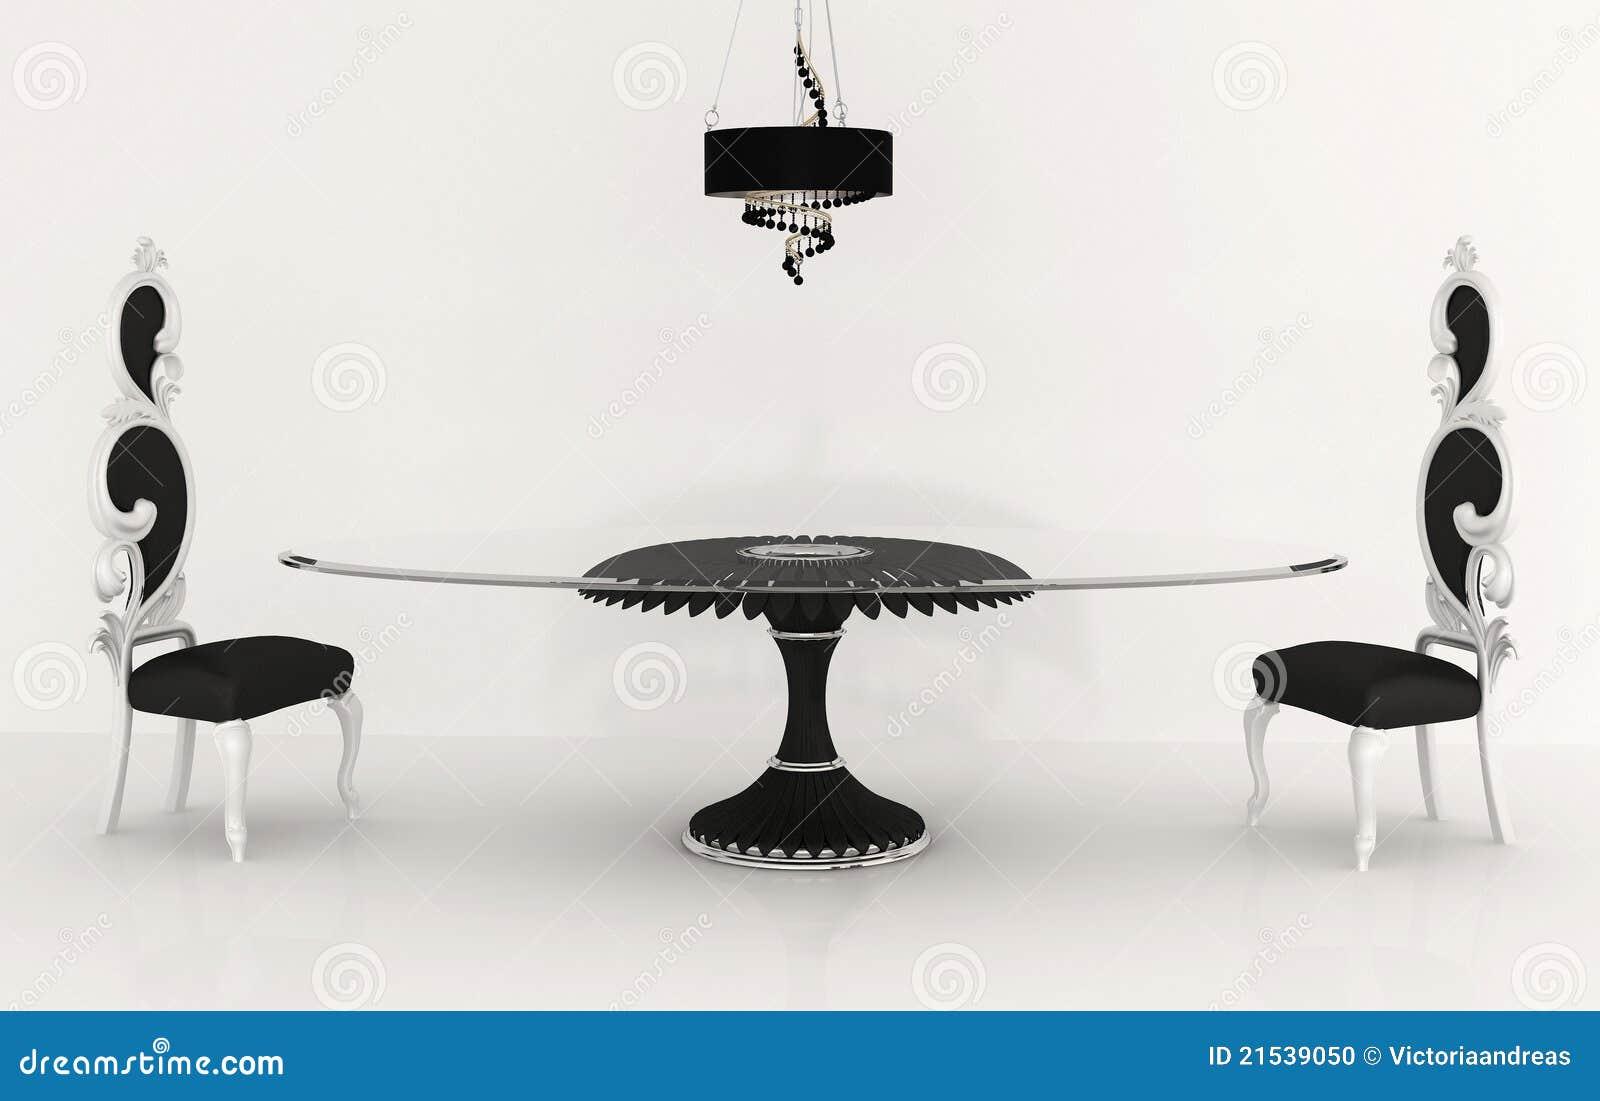 Mob lia luxuoso cadeira barroca foto de stock imagem for Mobilia download